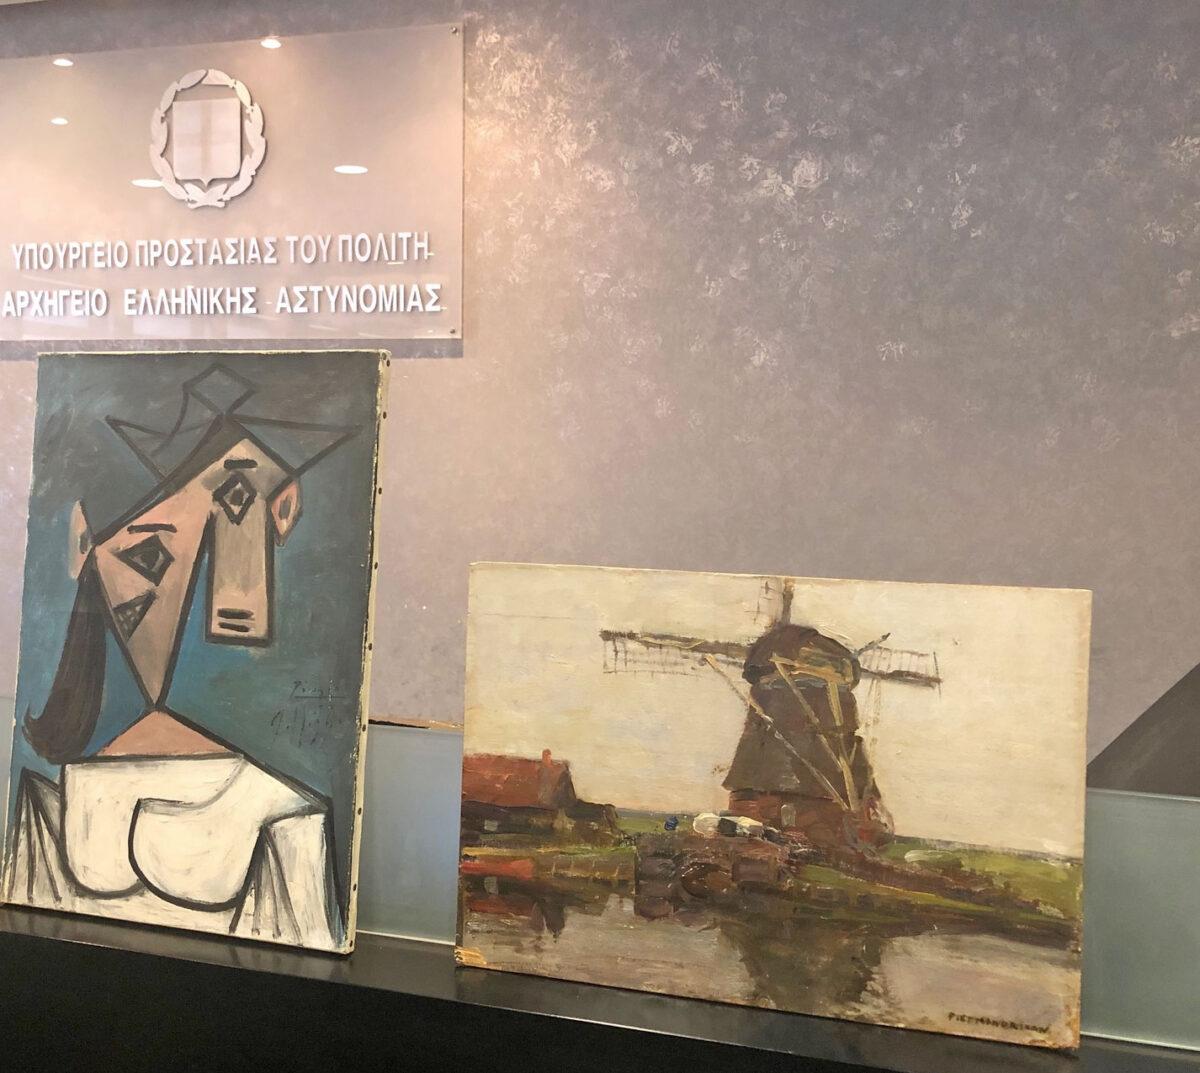 Εξιχνιάστηκε η κλοπή από την Εθνική Πινακοθήκη